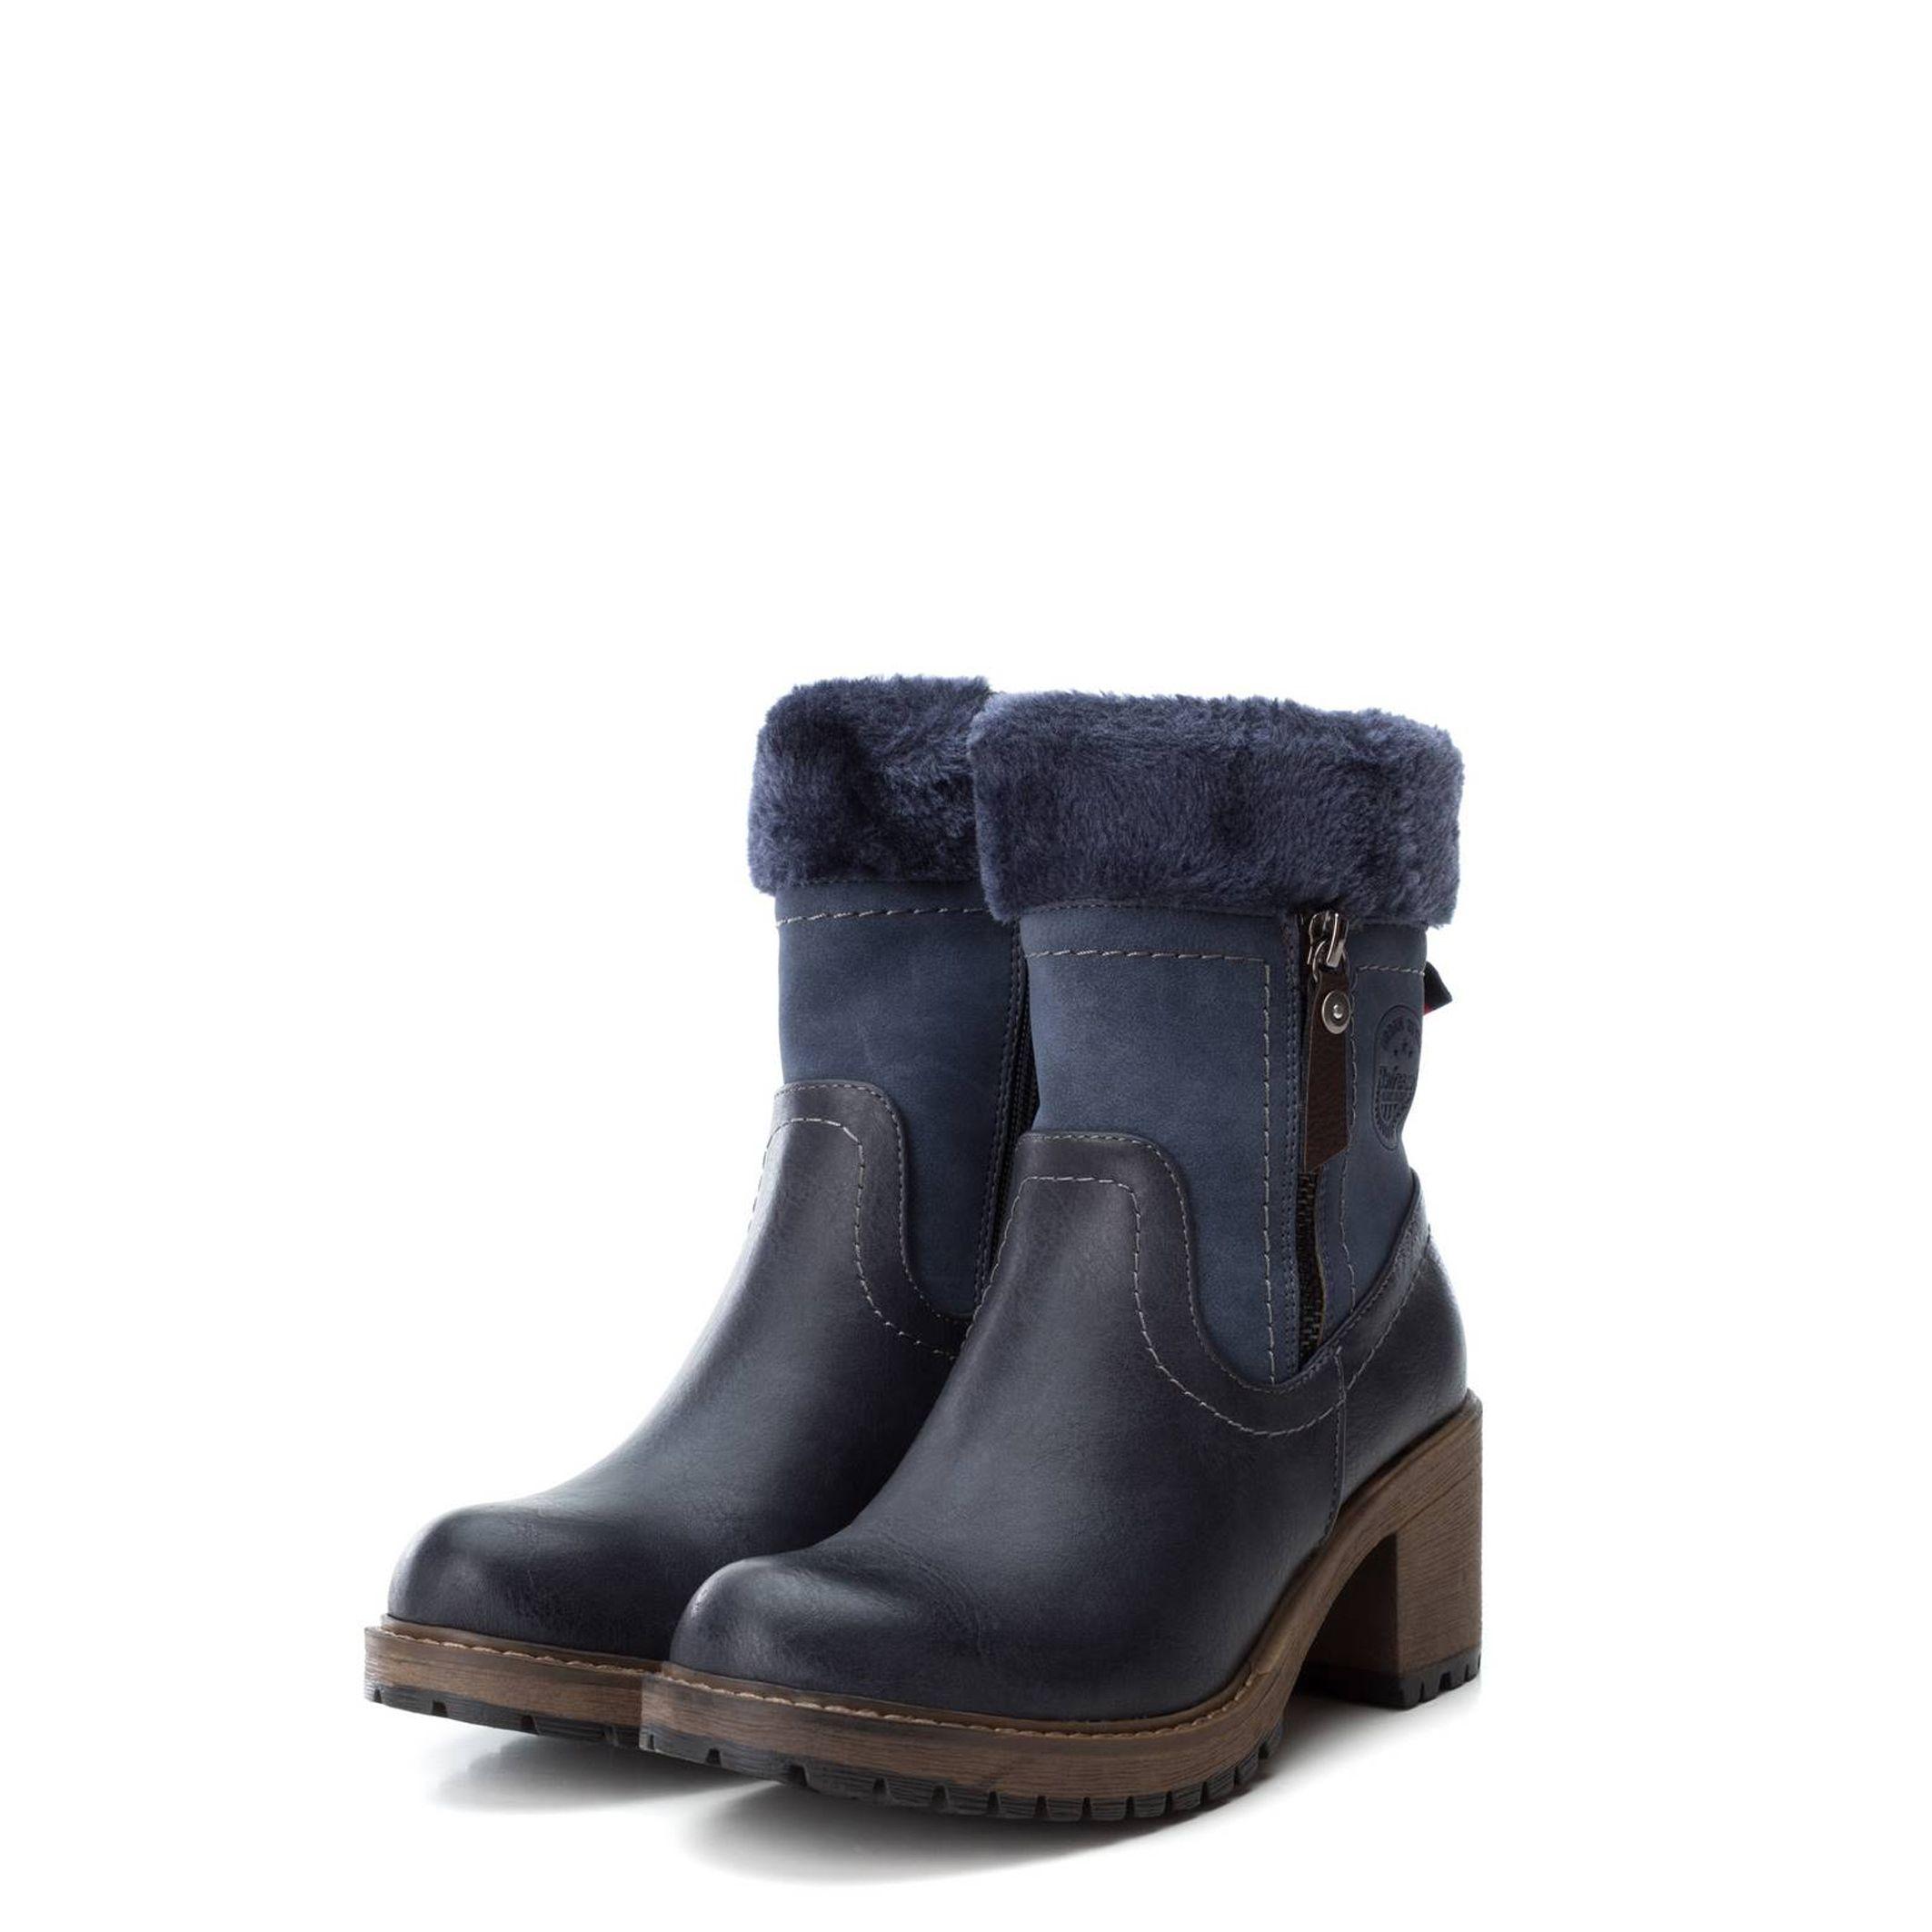 Schuhe Xti – 64783 – Blau